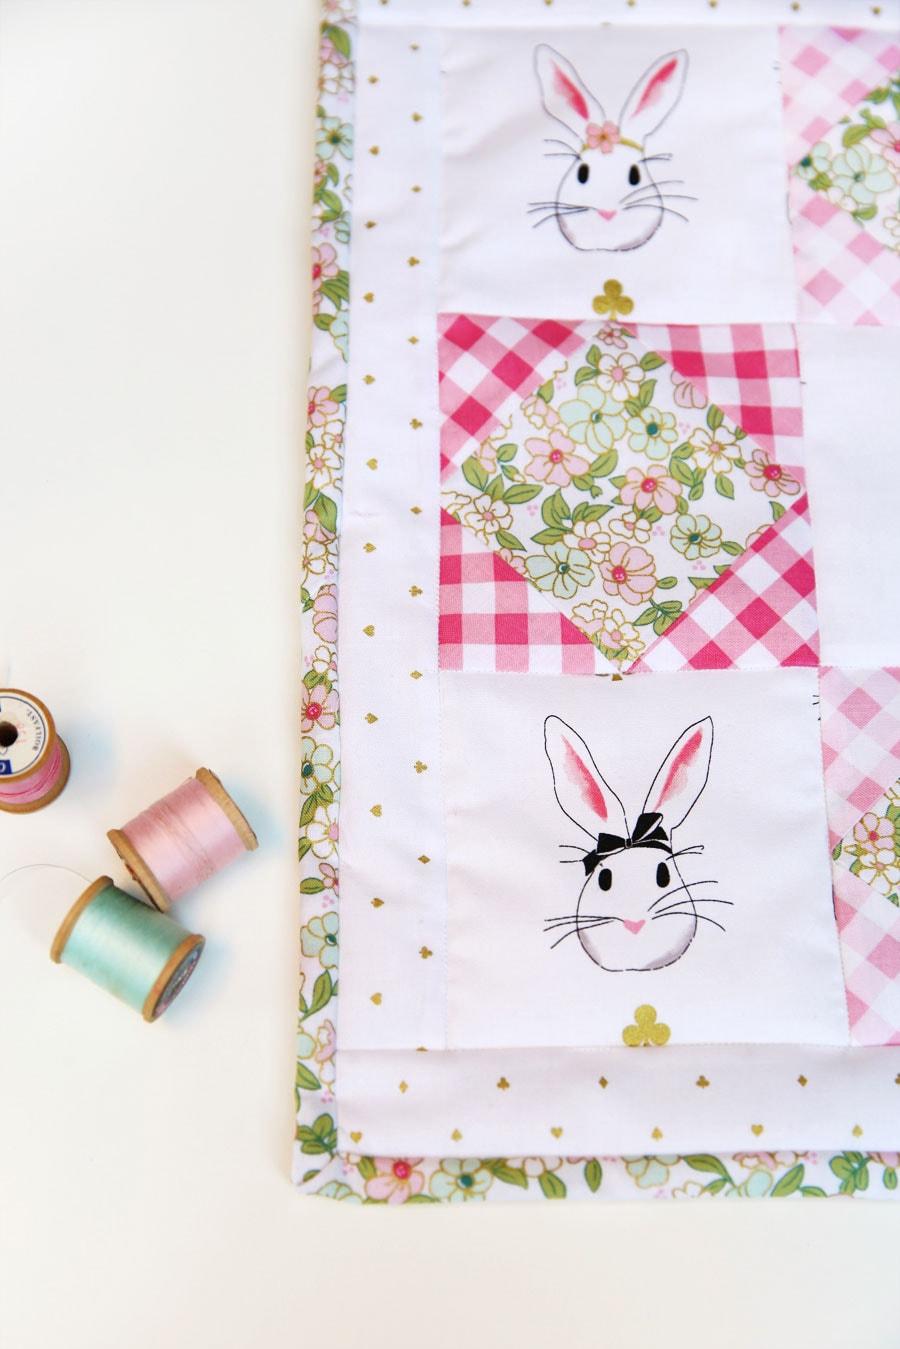 Wonderland Mini Quilt Pattern by Elea Lutz